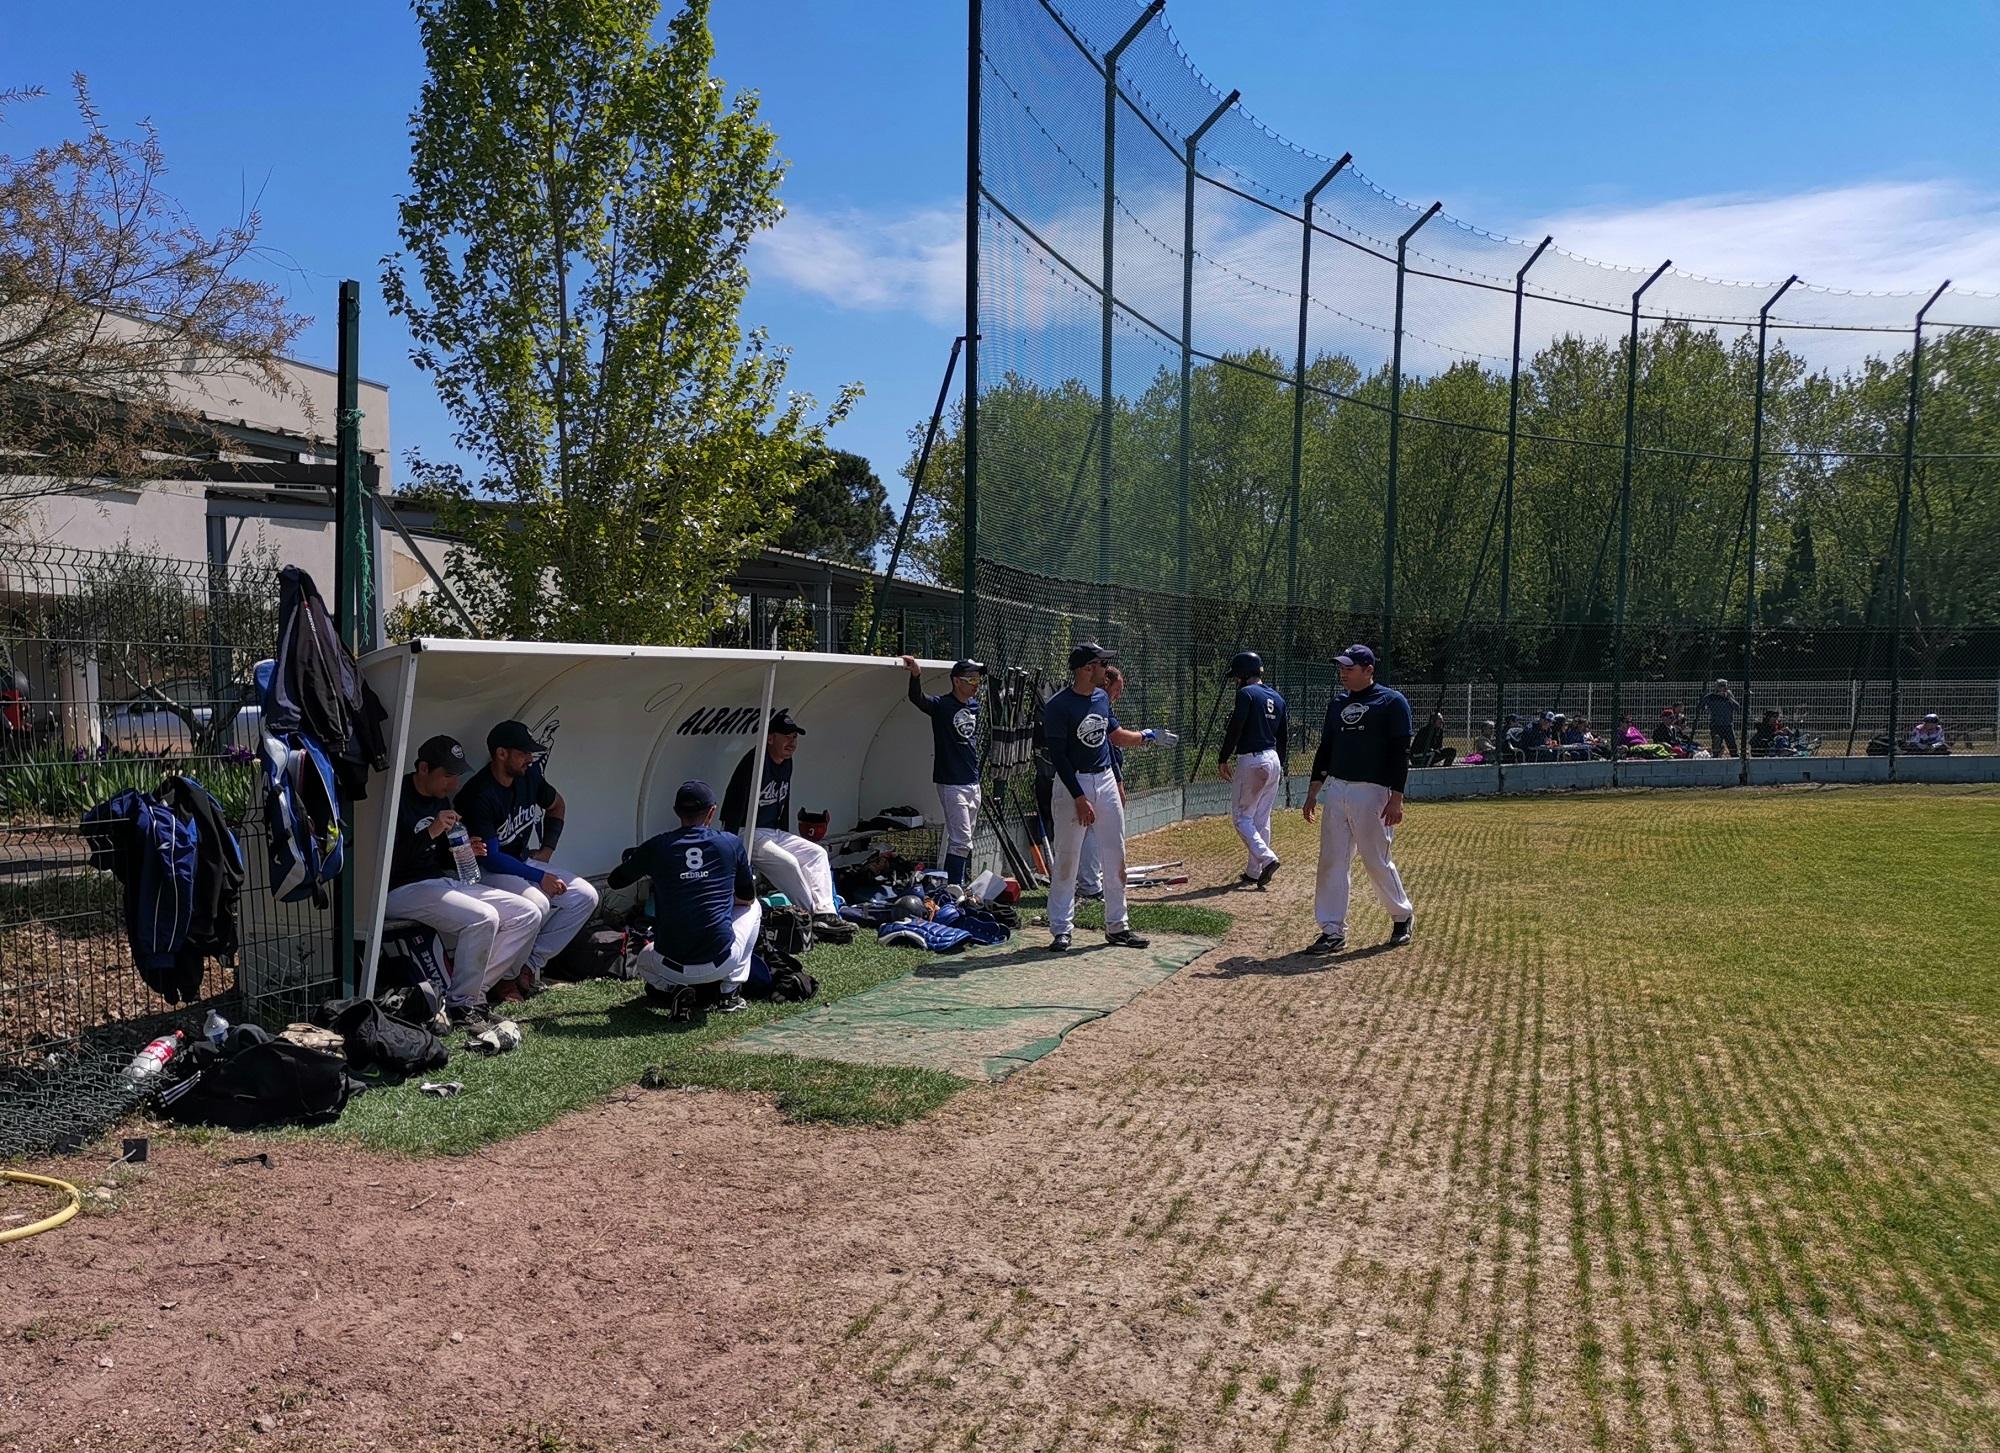 albatros-baseball-lgm-dugout3